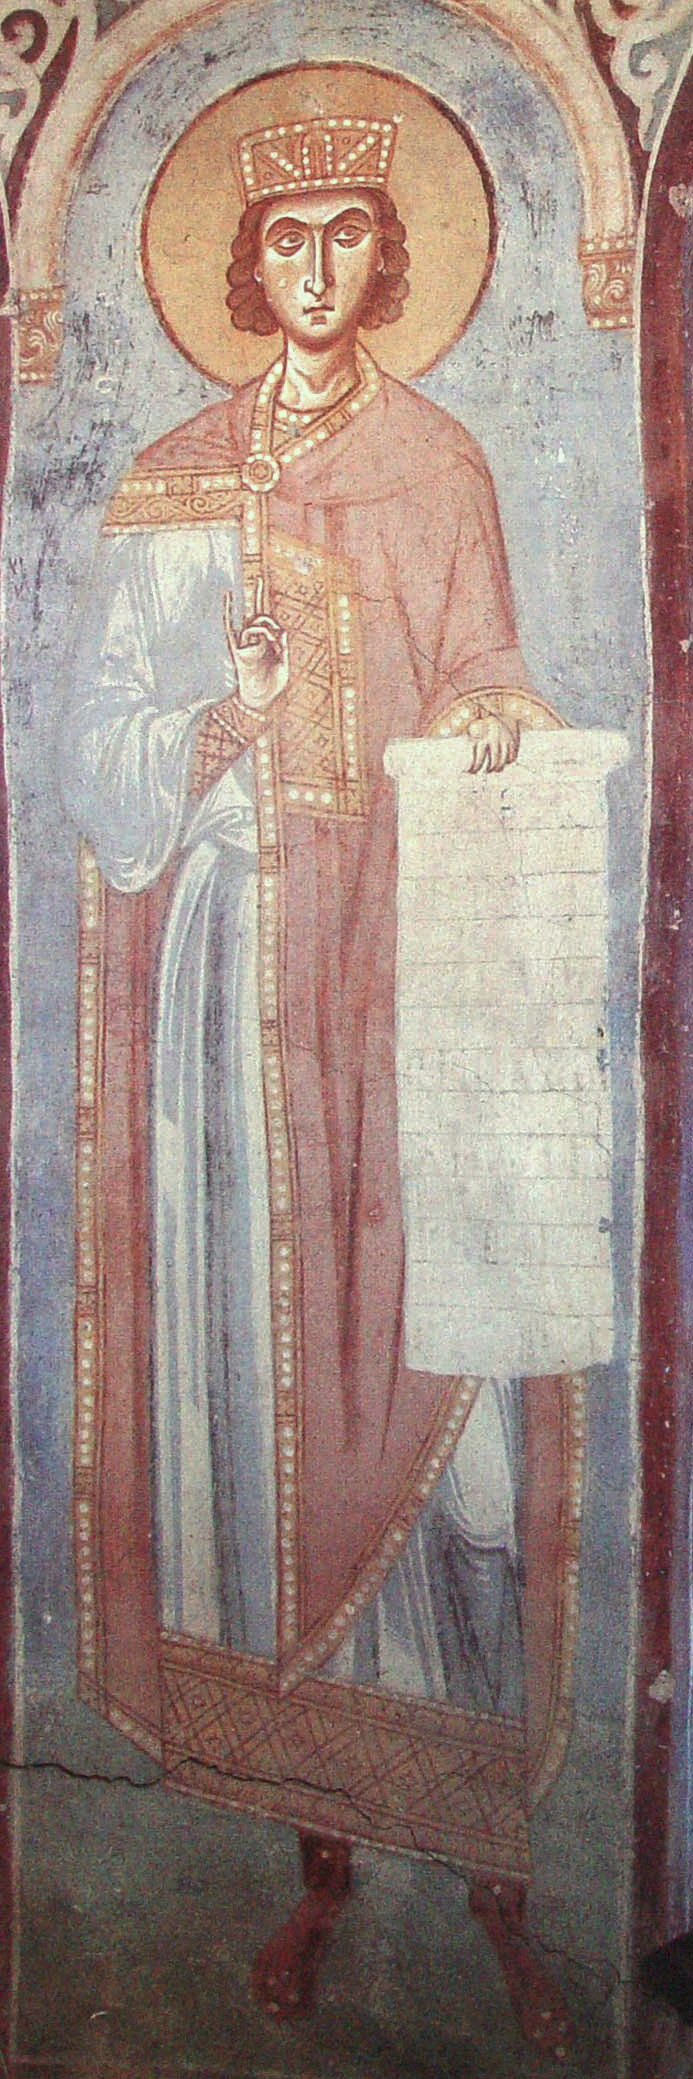 Царь Соломон  Россия. Старая Ладога. Георгиевская церковь  XII в ... 584396d6388